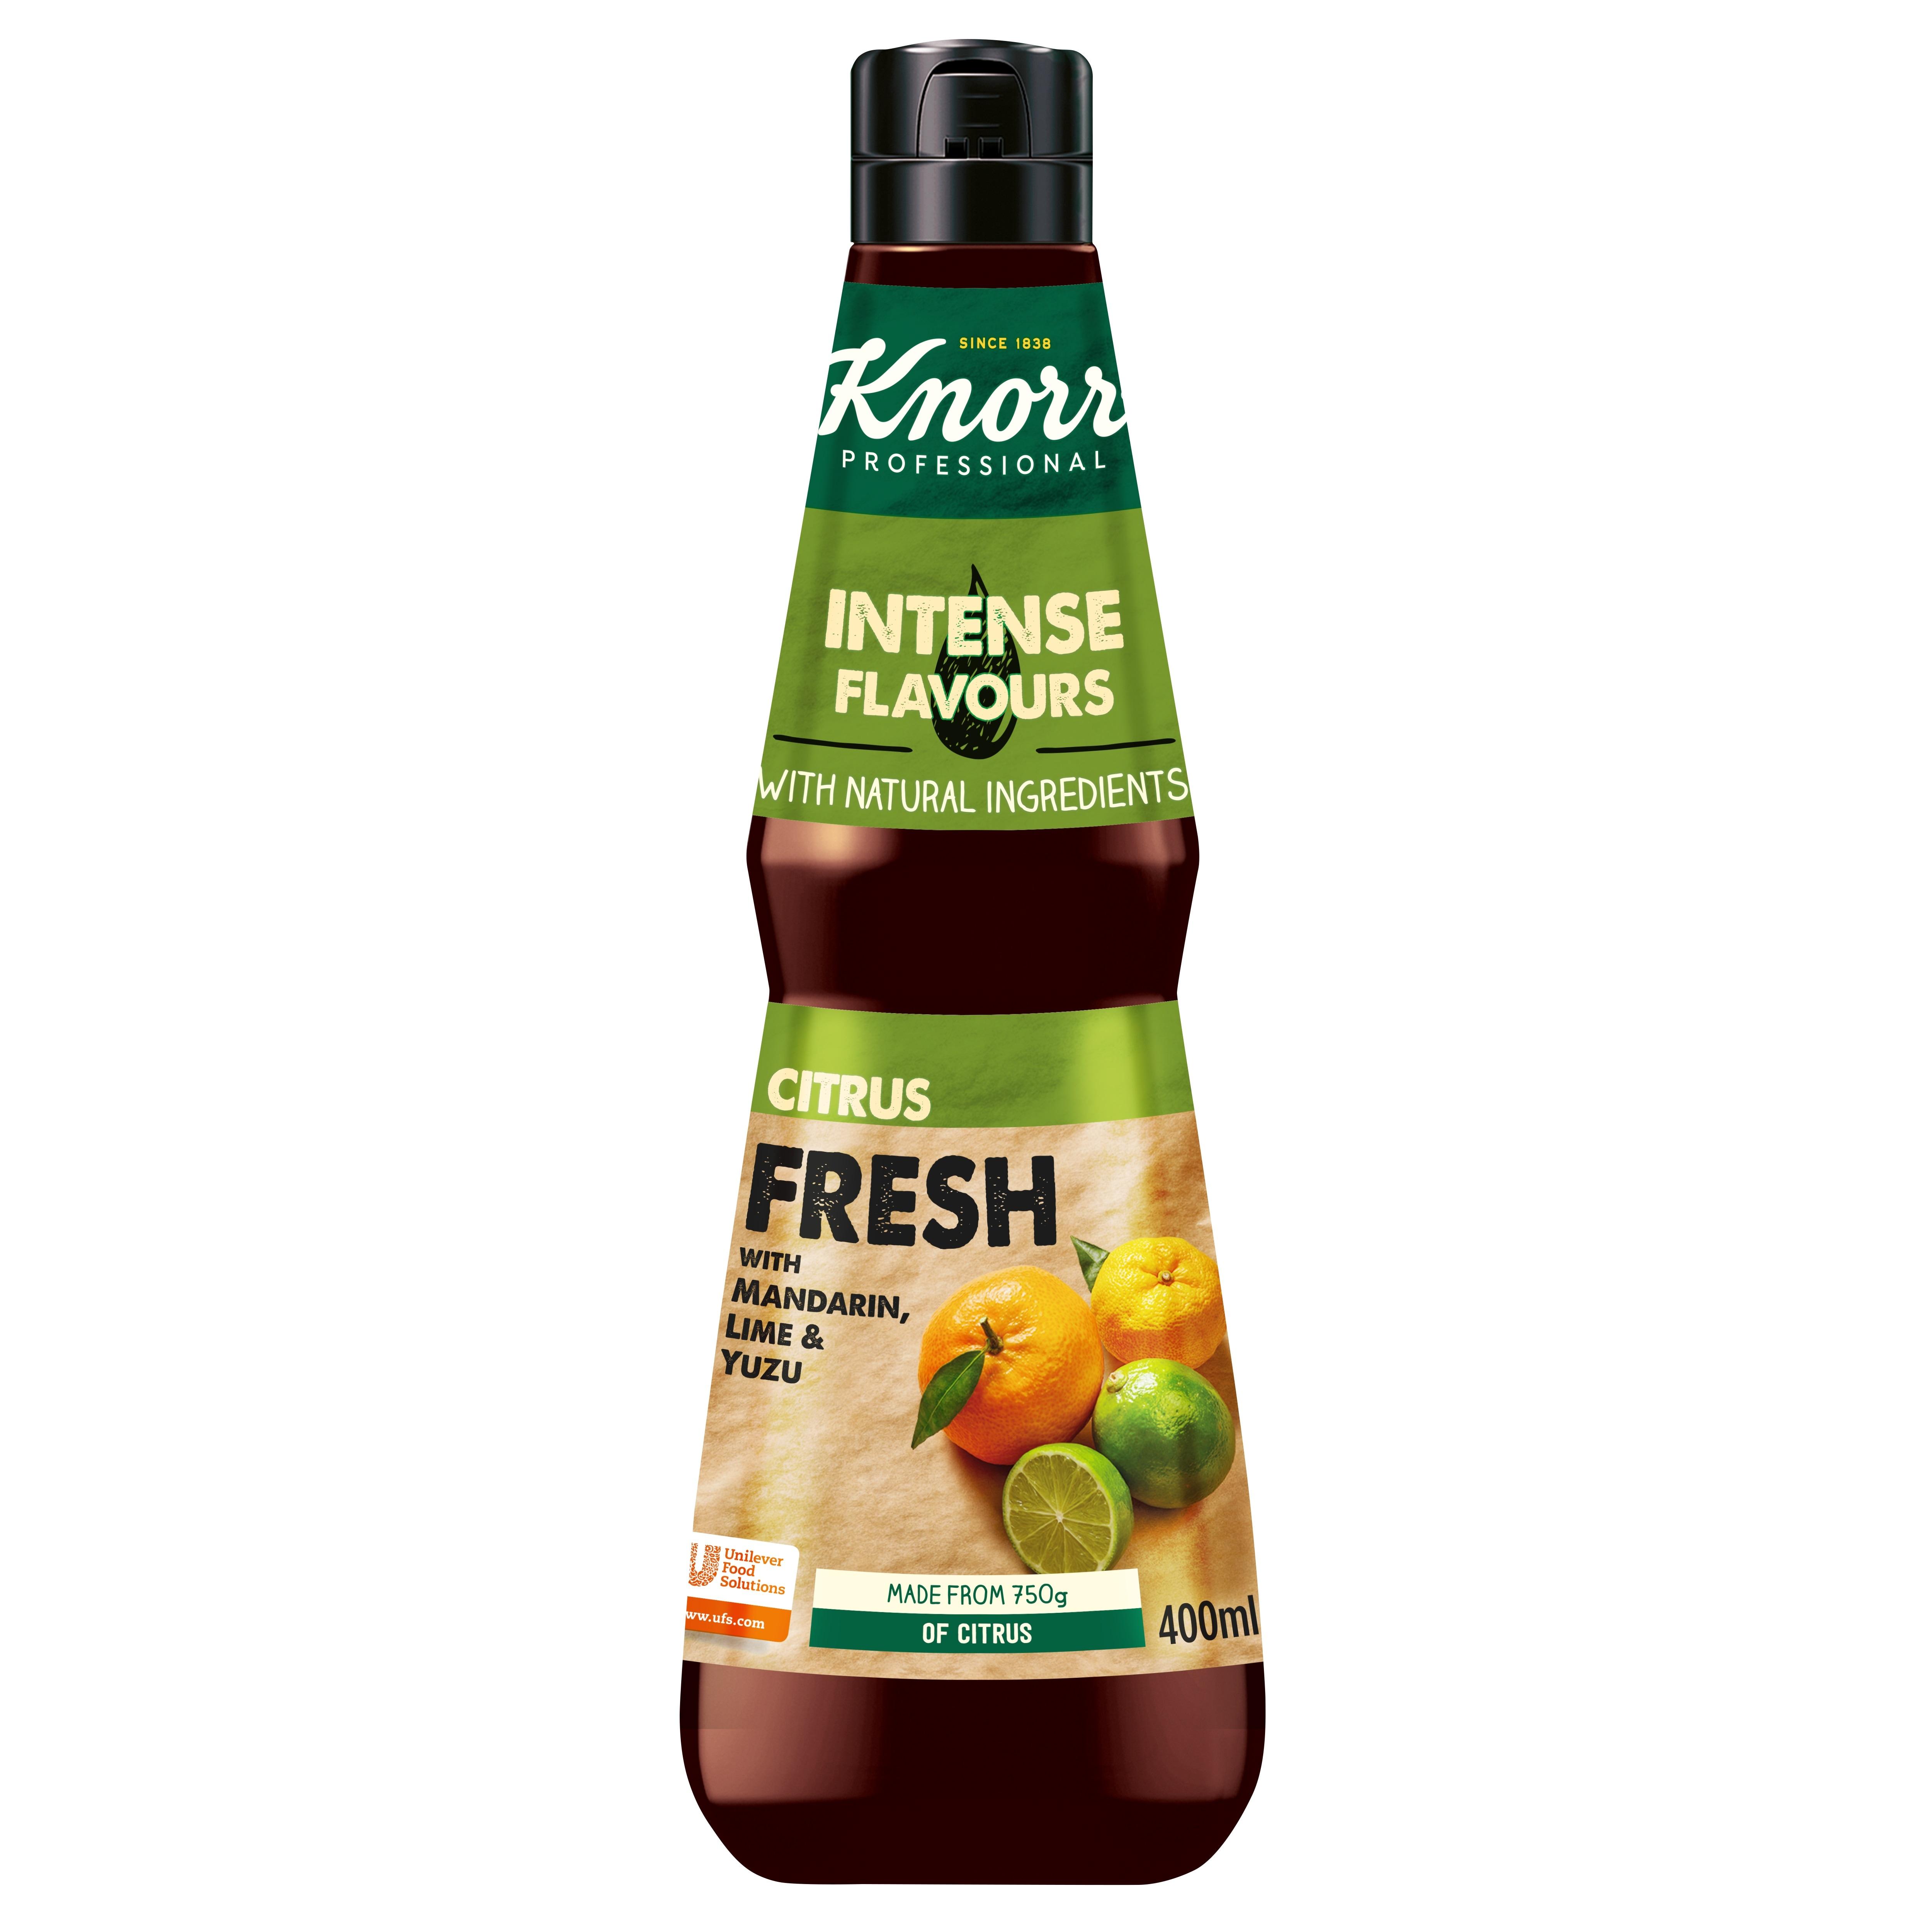 Knorr moč okusa - Citrus Fresh - esenca svežih citrusov 400 ml - V plastenko ujete vznemirljive sestavine za fuzijo okusov.